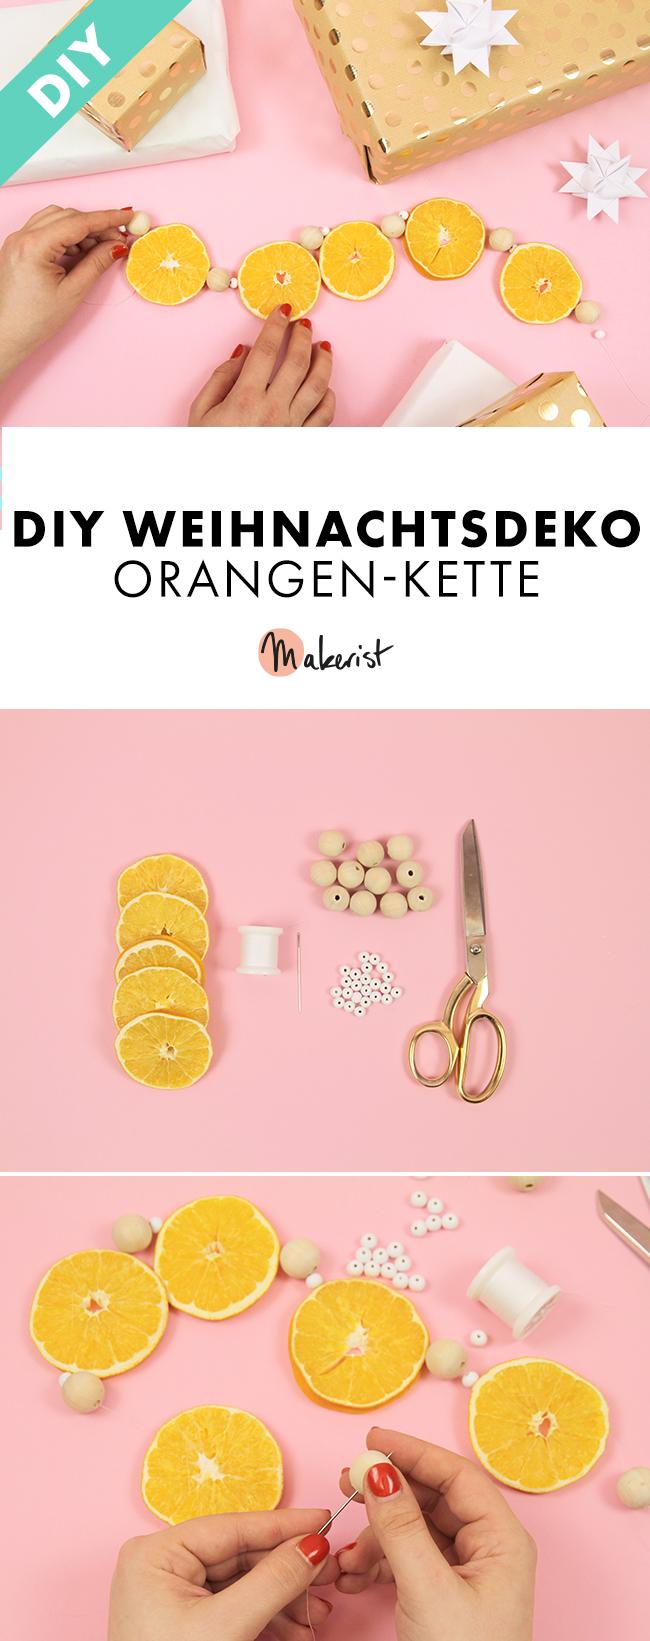 Makerist-Weihnachtsdeko-selbermachen-Orangen-Kette-basteln-Pin-1